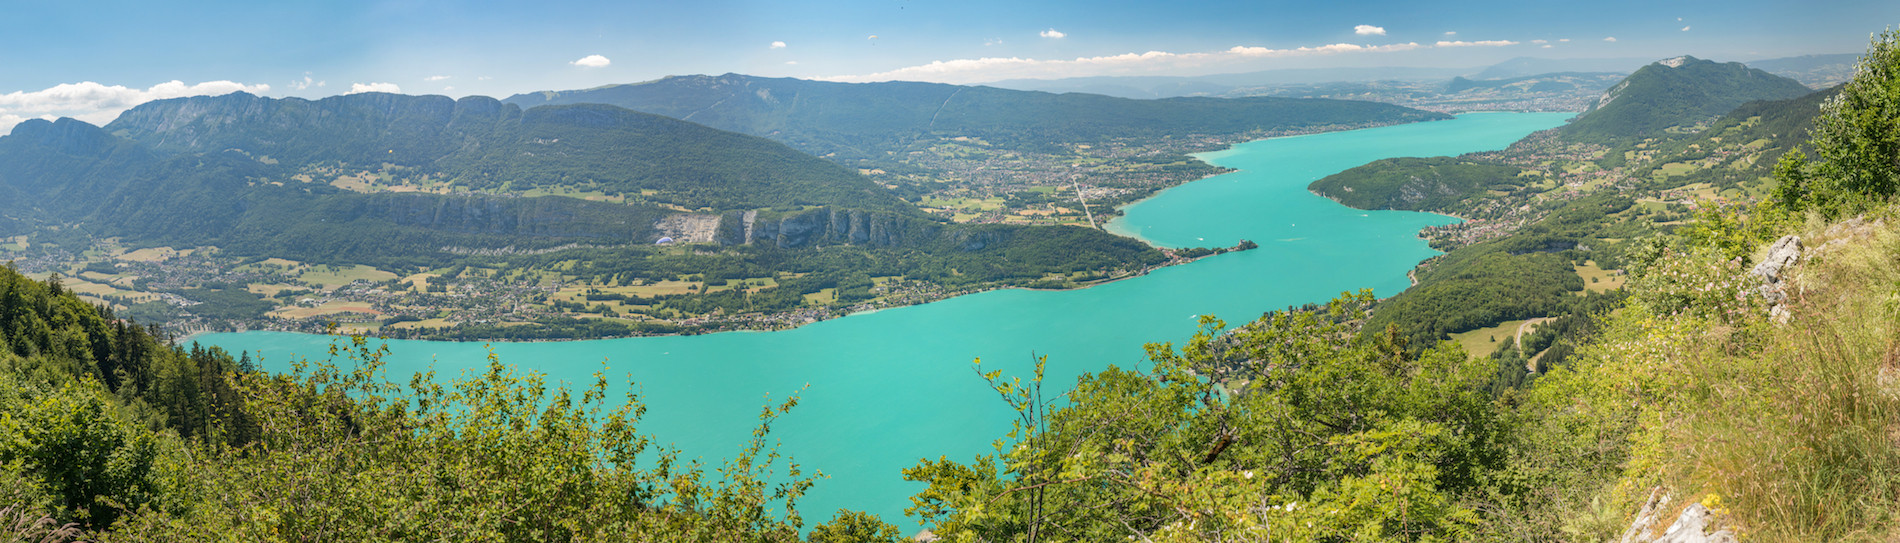 PHOTO Lac Annecy La Forclaz panoramique